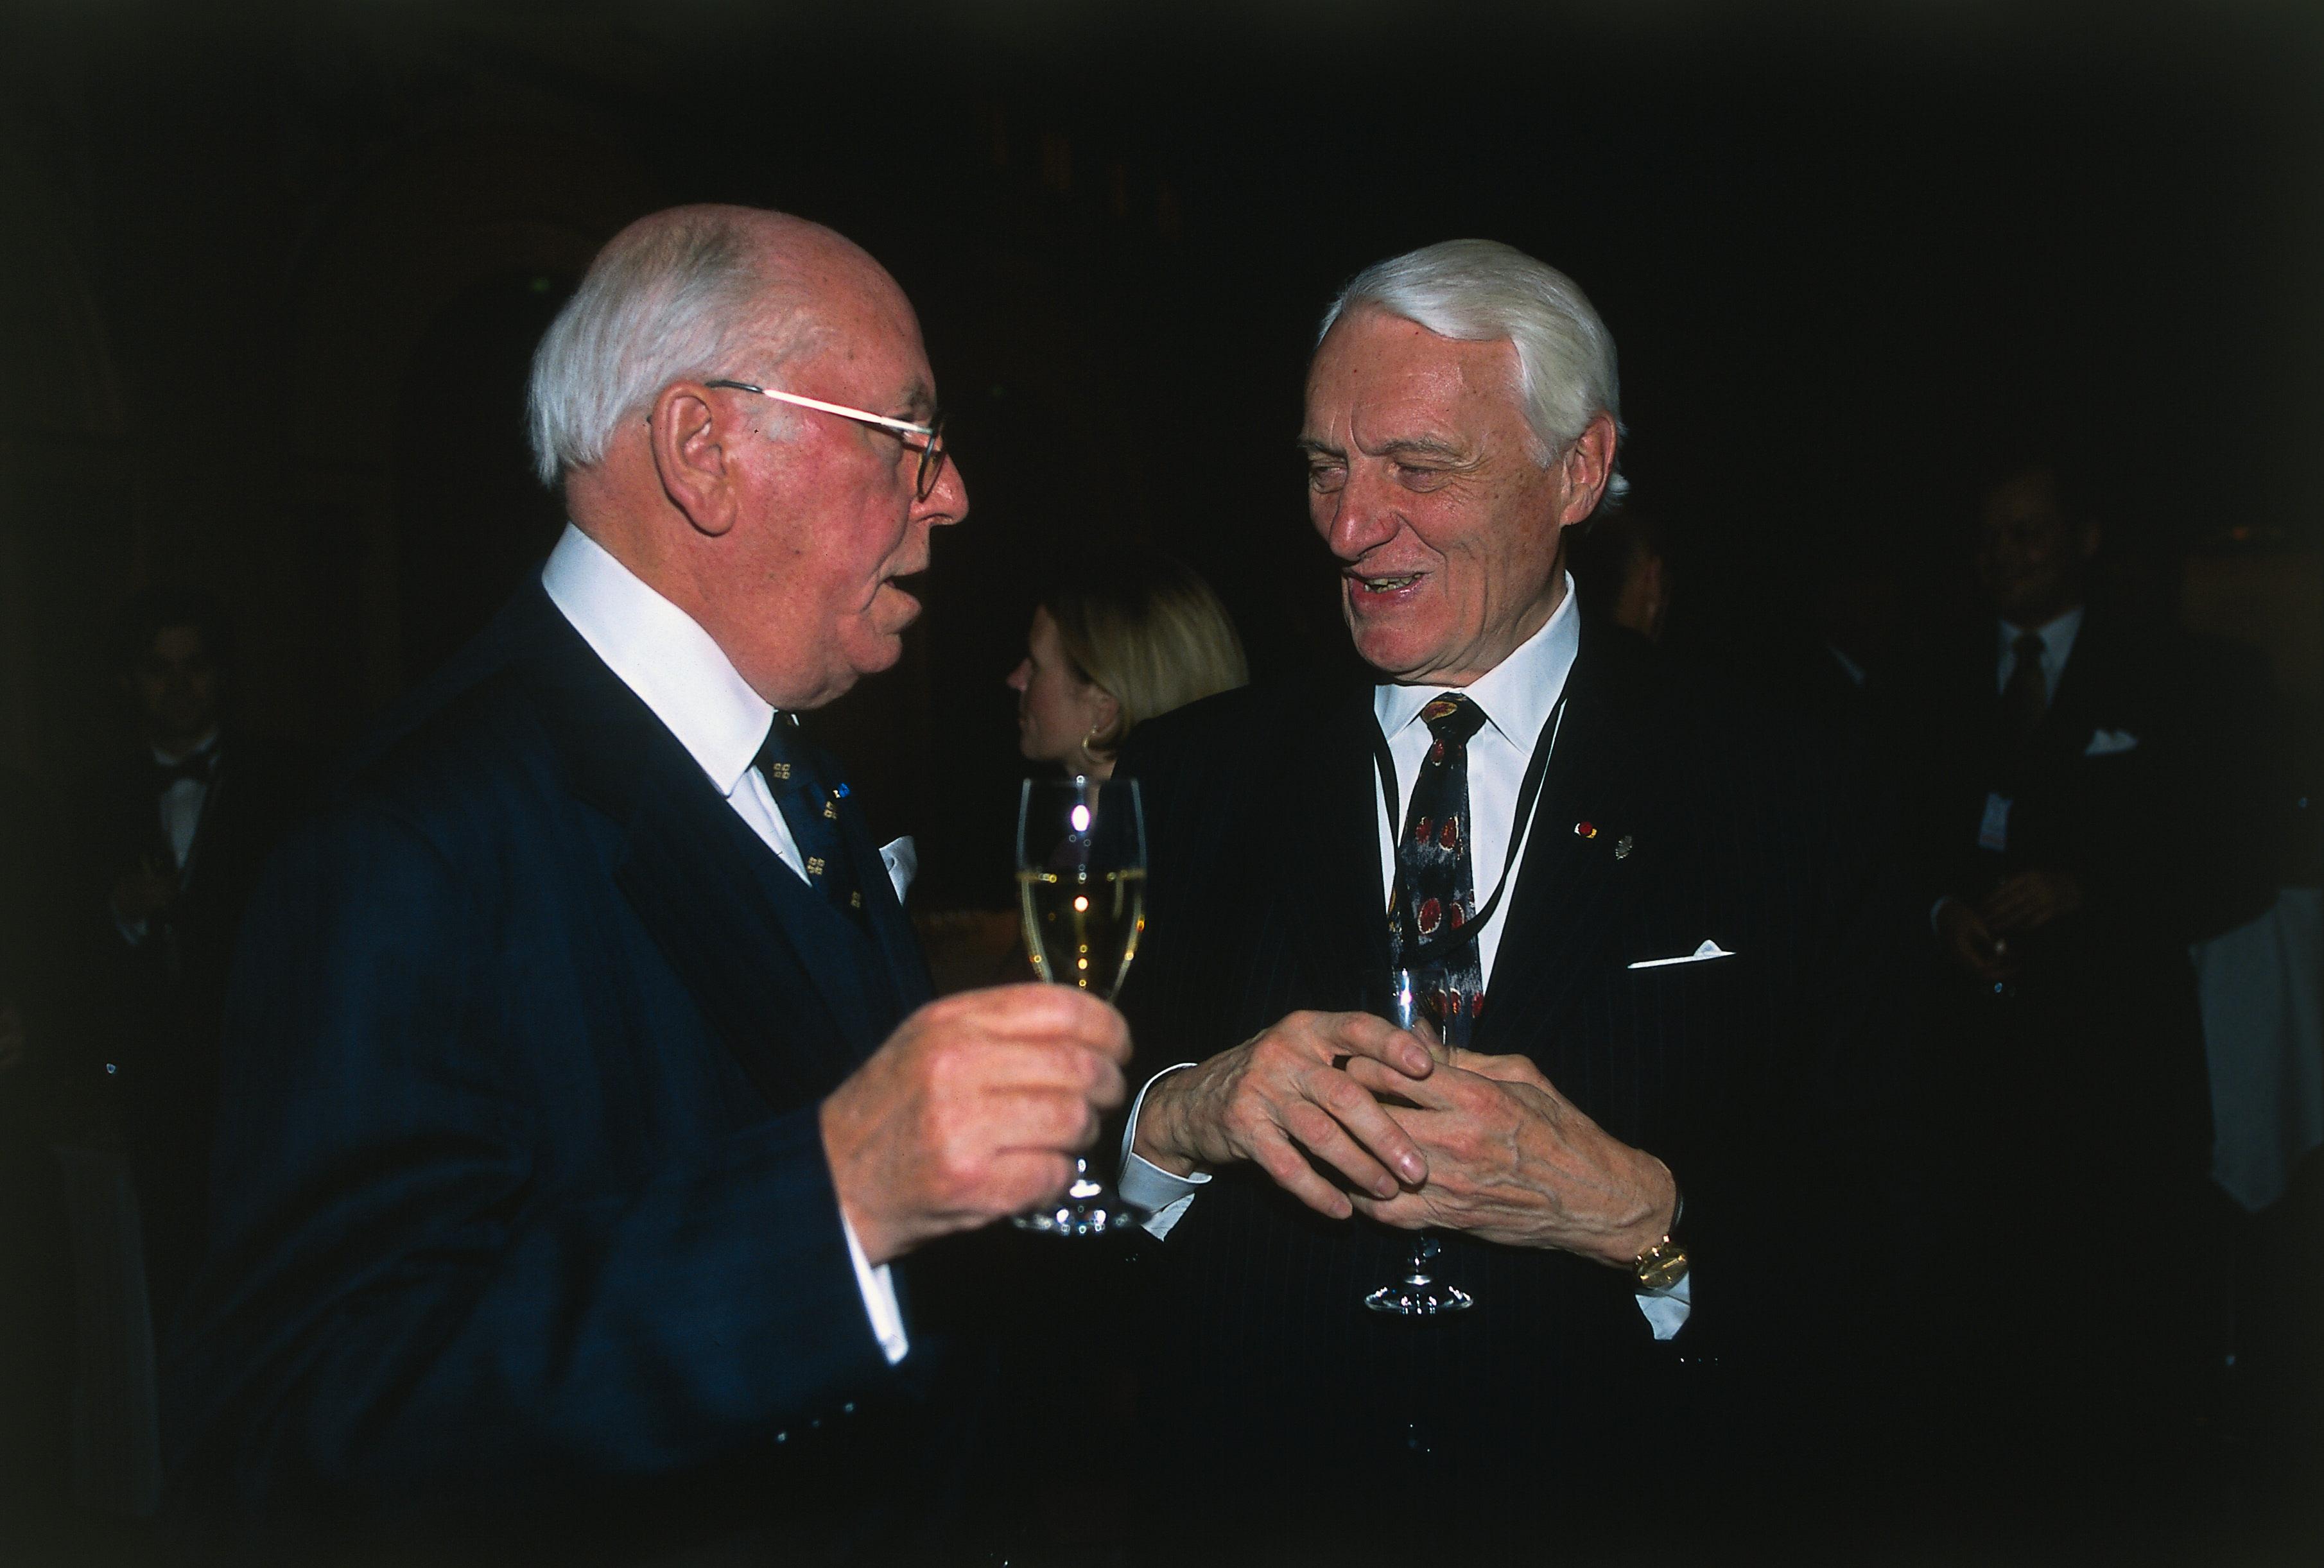 Heikki A. Reenpää ja Viron presidentti Lennart Meri osallistuivat Suomen Kuvalehden 85-vuotisjuhliin Vanhalla ylioppilastalolla Helsingissä vuonna 2001.